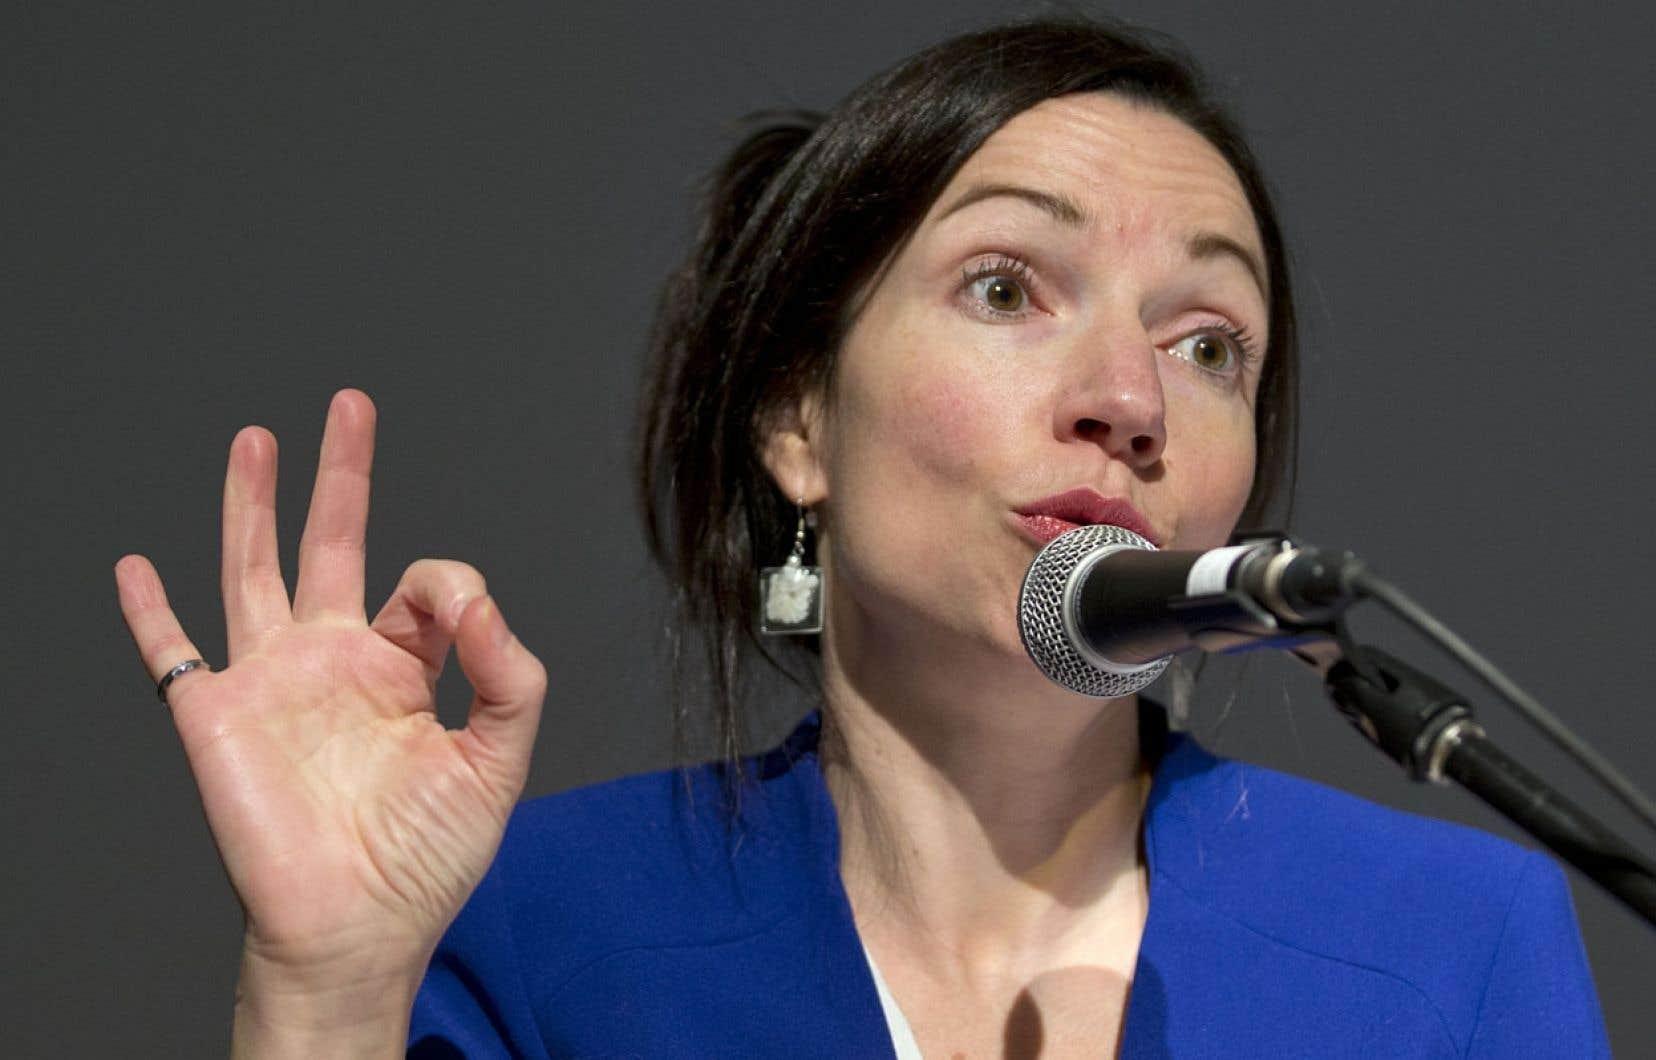 La ministre des Ressources naturelles Martine Ouellet a fait savoir vendredi qu'elle entend déposer «dans les prochaines semaines» un «plan d'action» visant à planifier la restauration et la décontamination des 679 sites dits orphelins et dont Québec a hérité au fil des décennies.